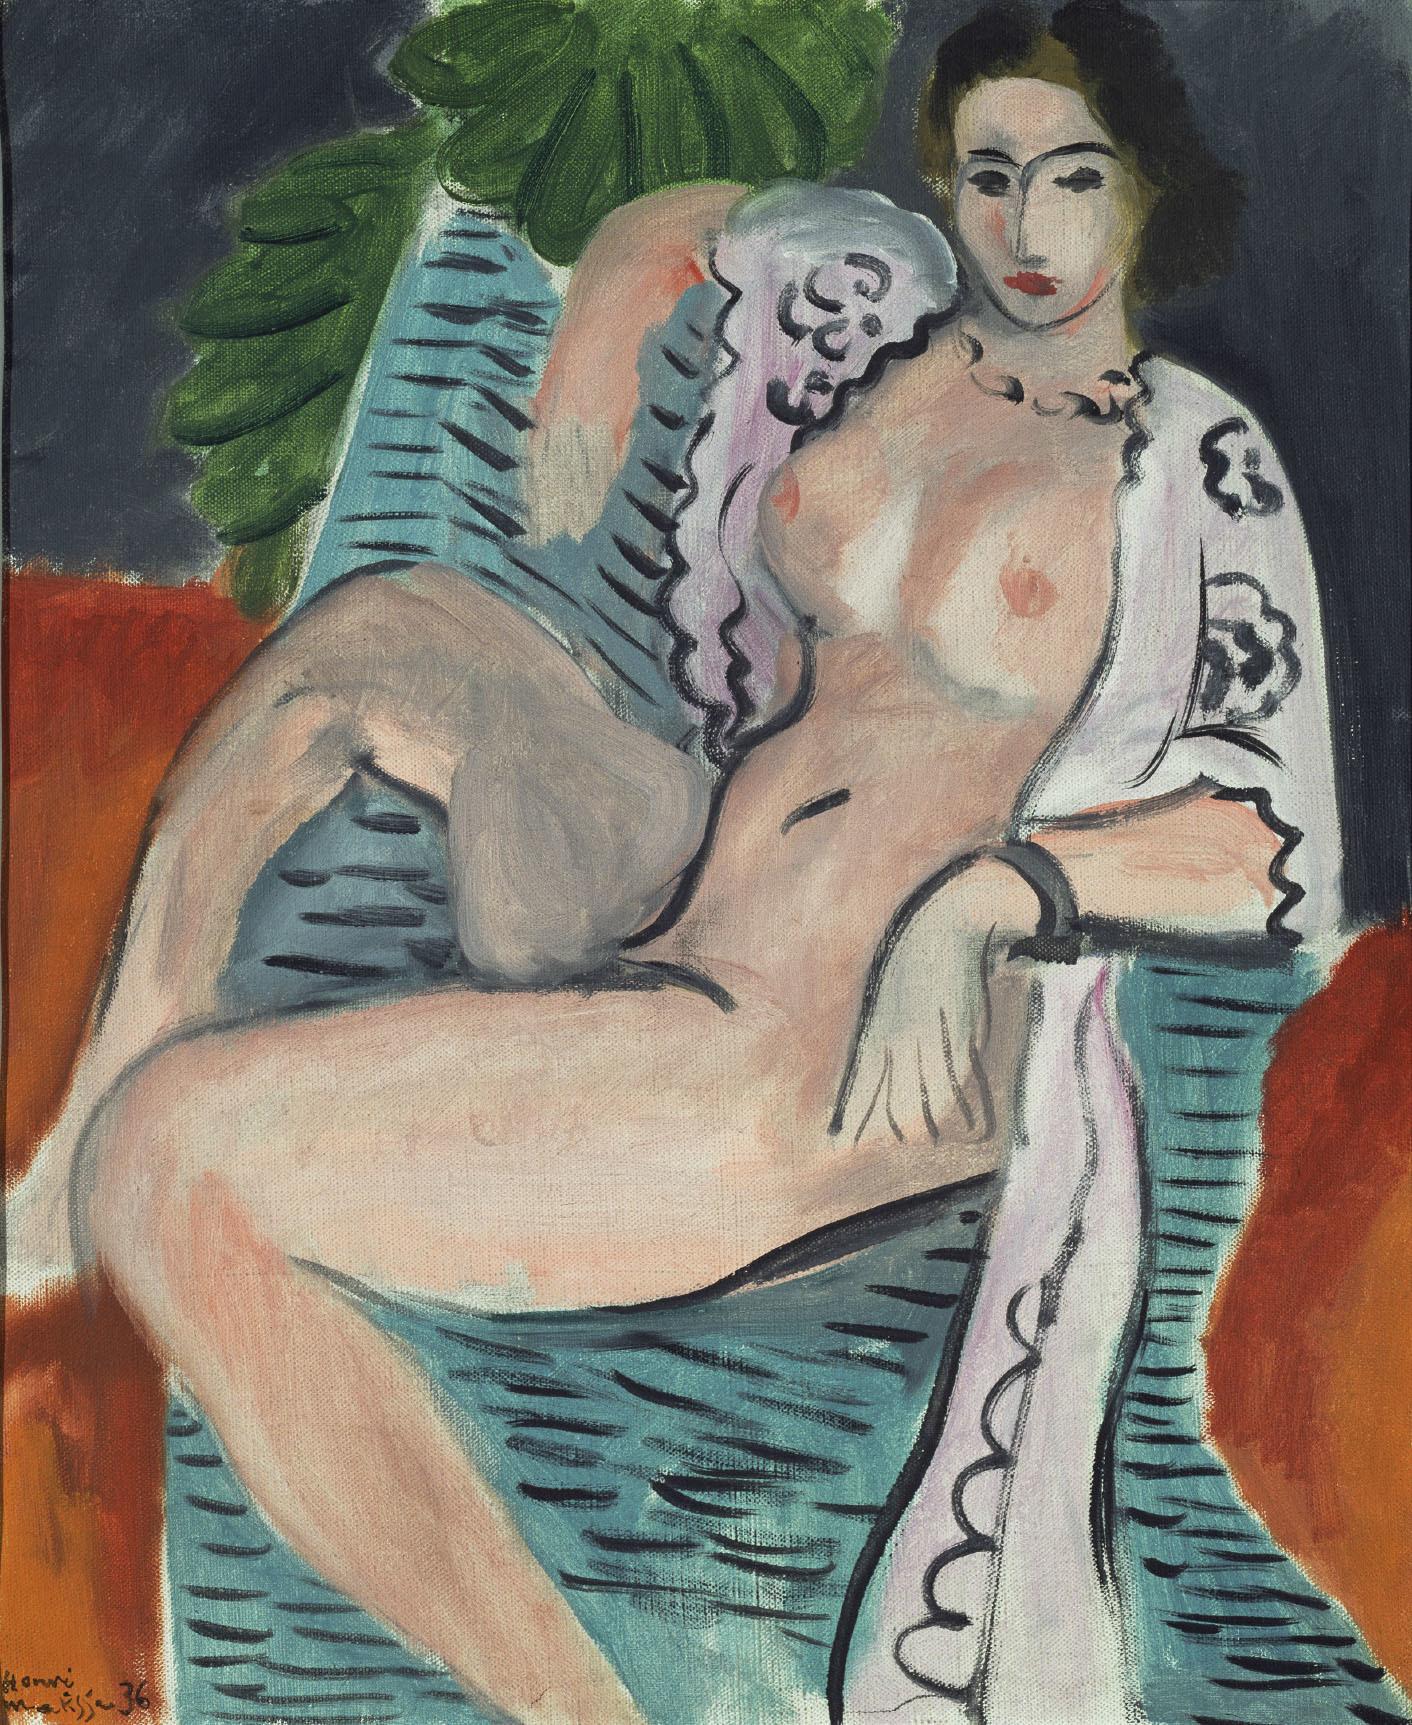 アンリ・マティス 《布をまとう裸婦》 1936年 油彩/カンヴァス 45.7×37.5cm Tate: Purchased 1959, image © Tate, London 2017